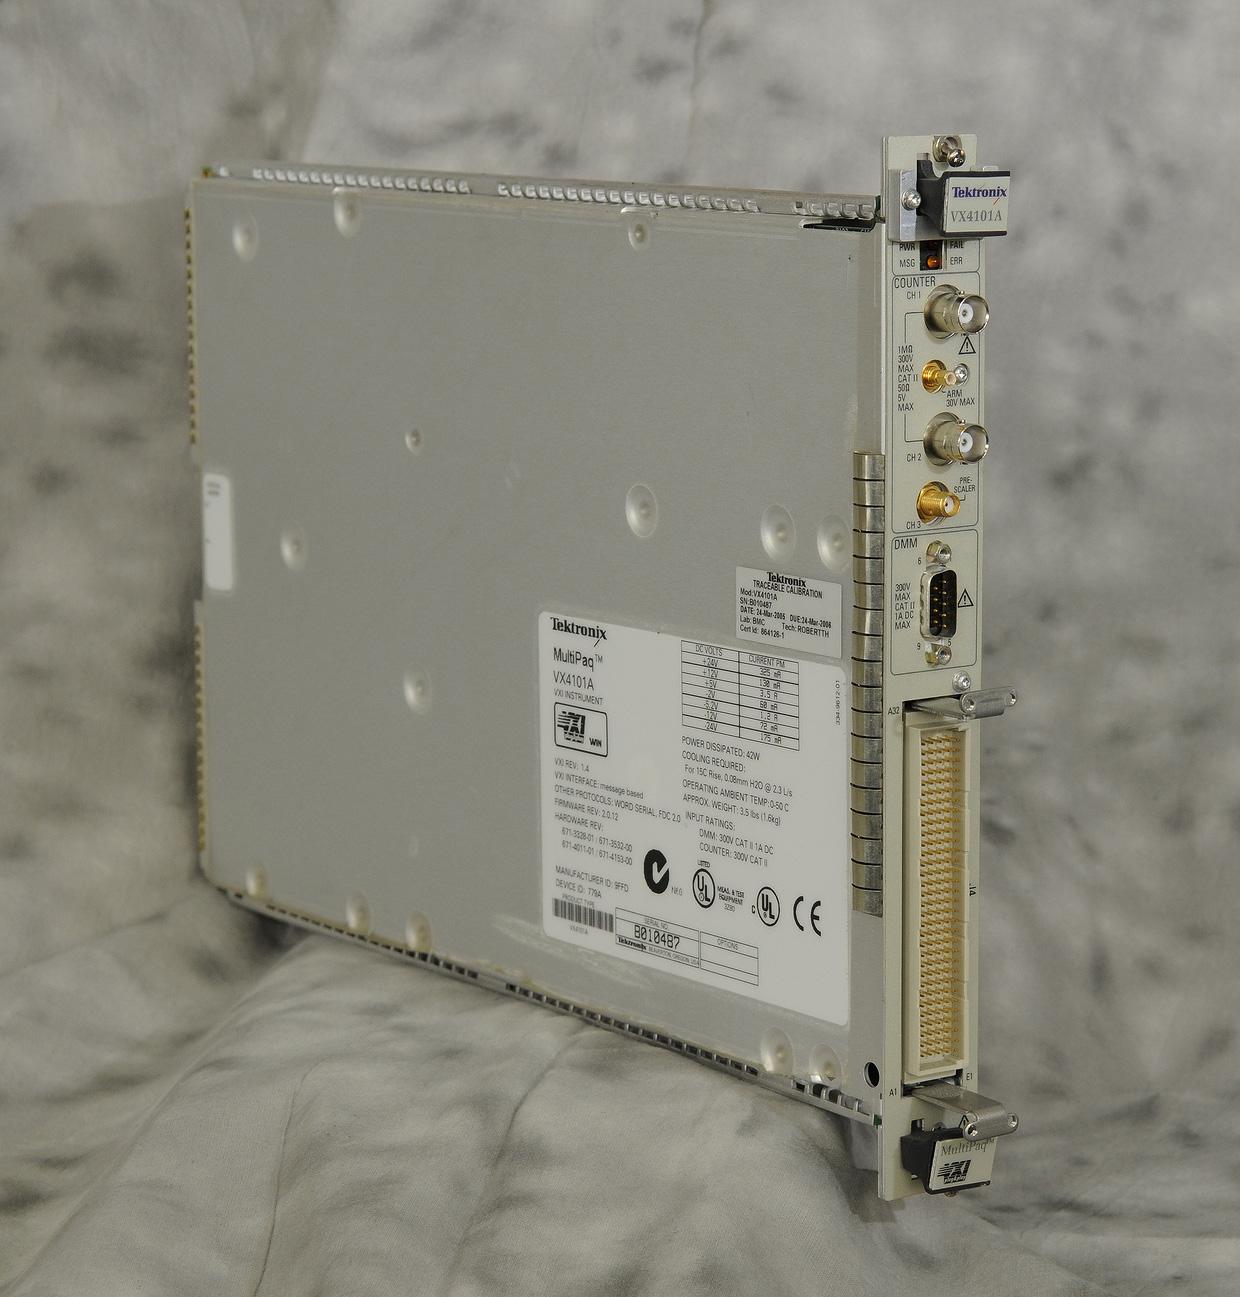 Teradyne Tektronix VX4101a